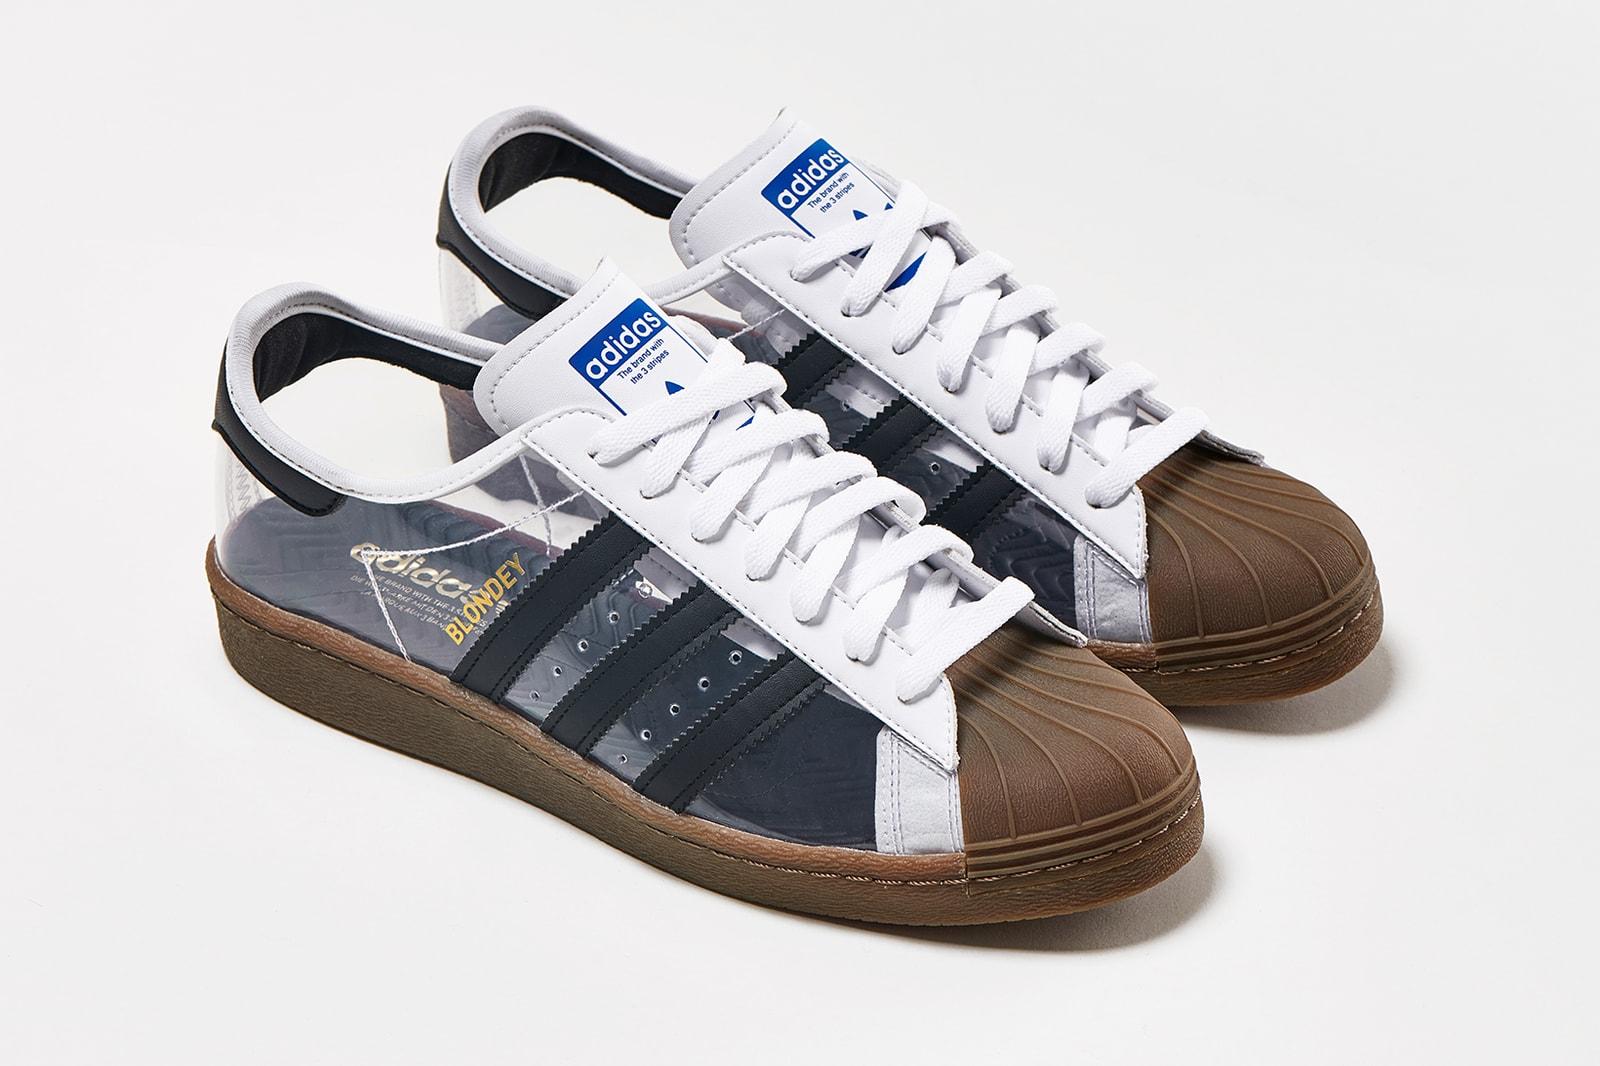 adidas skateboarding blondey mccoy superstar sneaker transparent shoes footwear sneakerhead